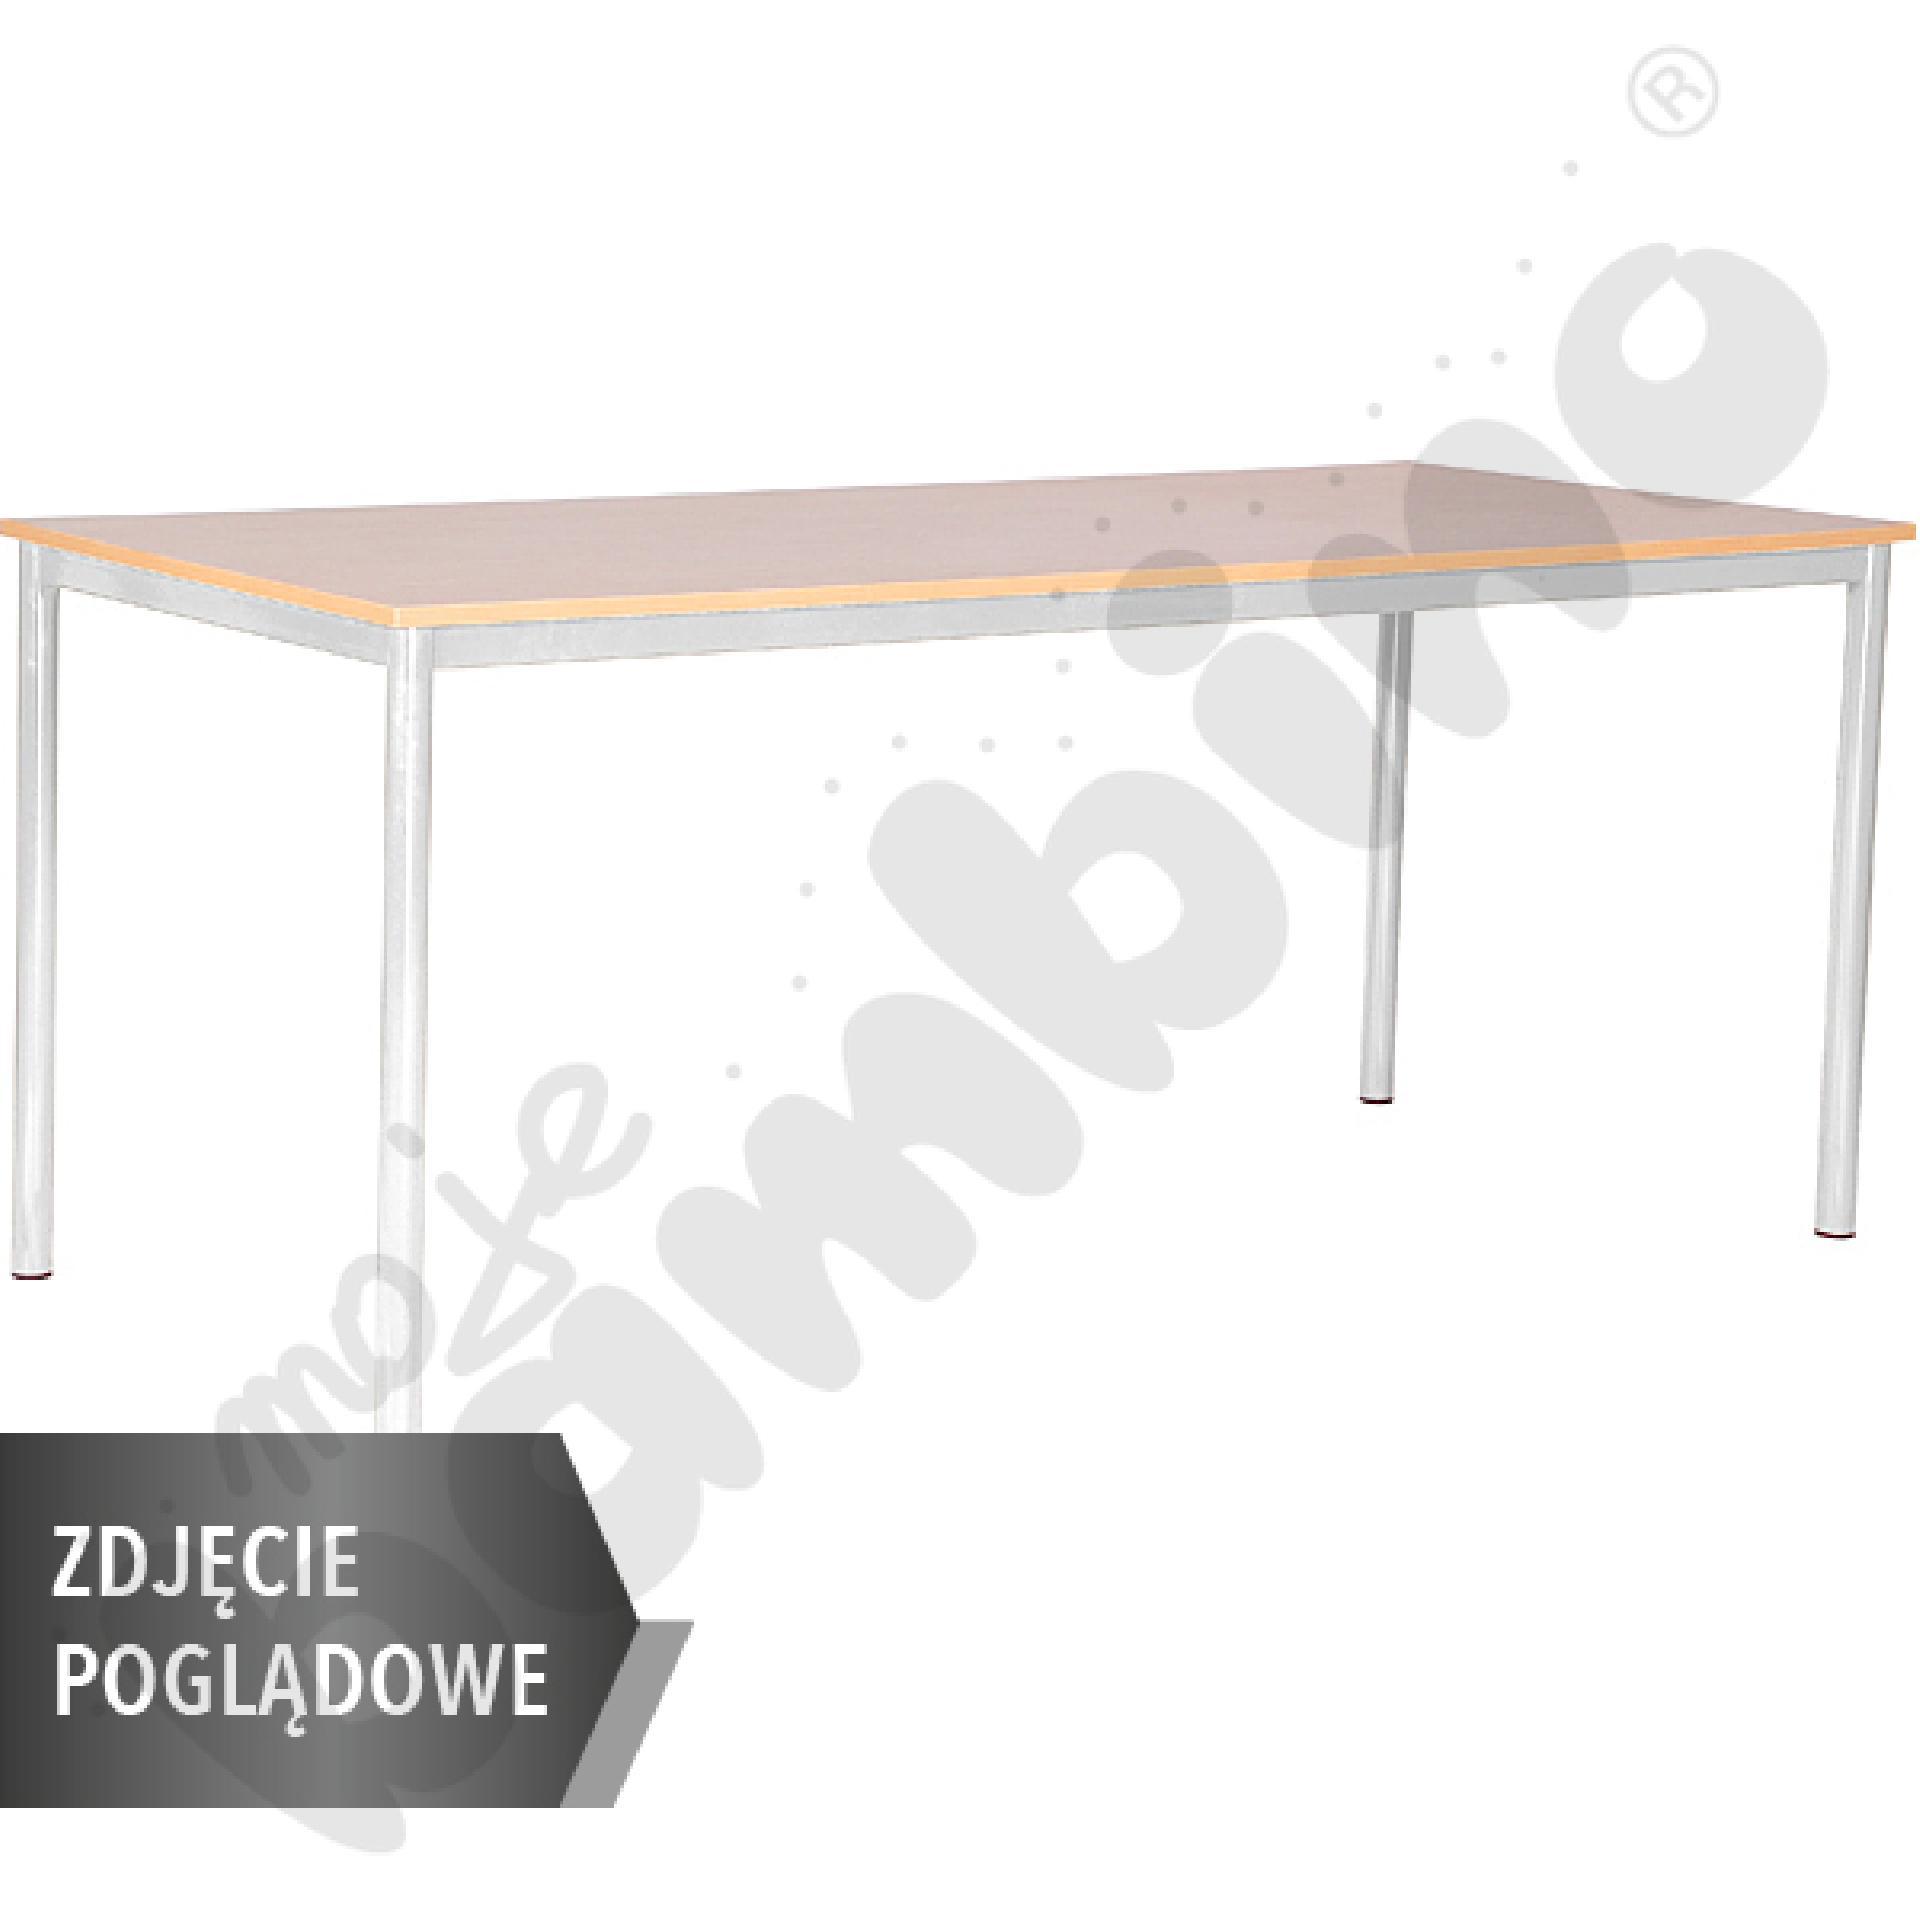 Stół Mila 180x80 rozm. 6, 8os., stelaż zielony, blat buk, obrzeże ABS, narożniki proste